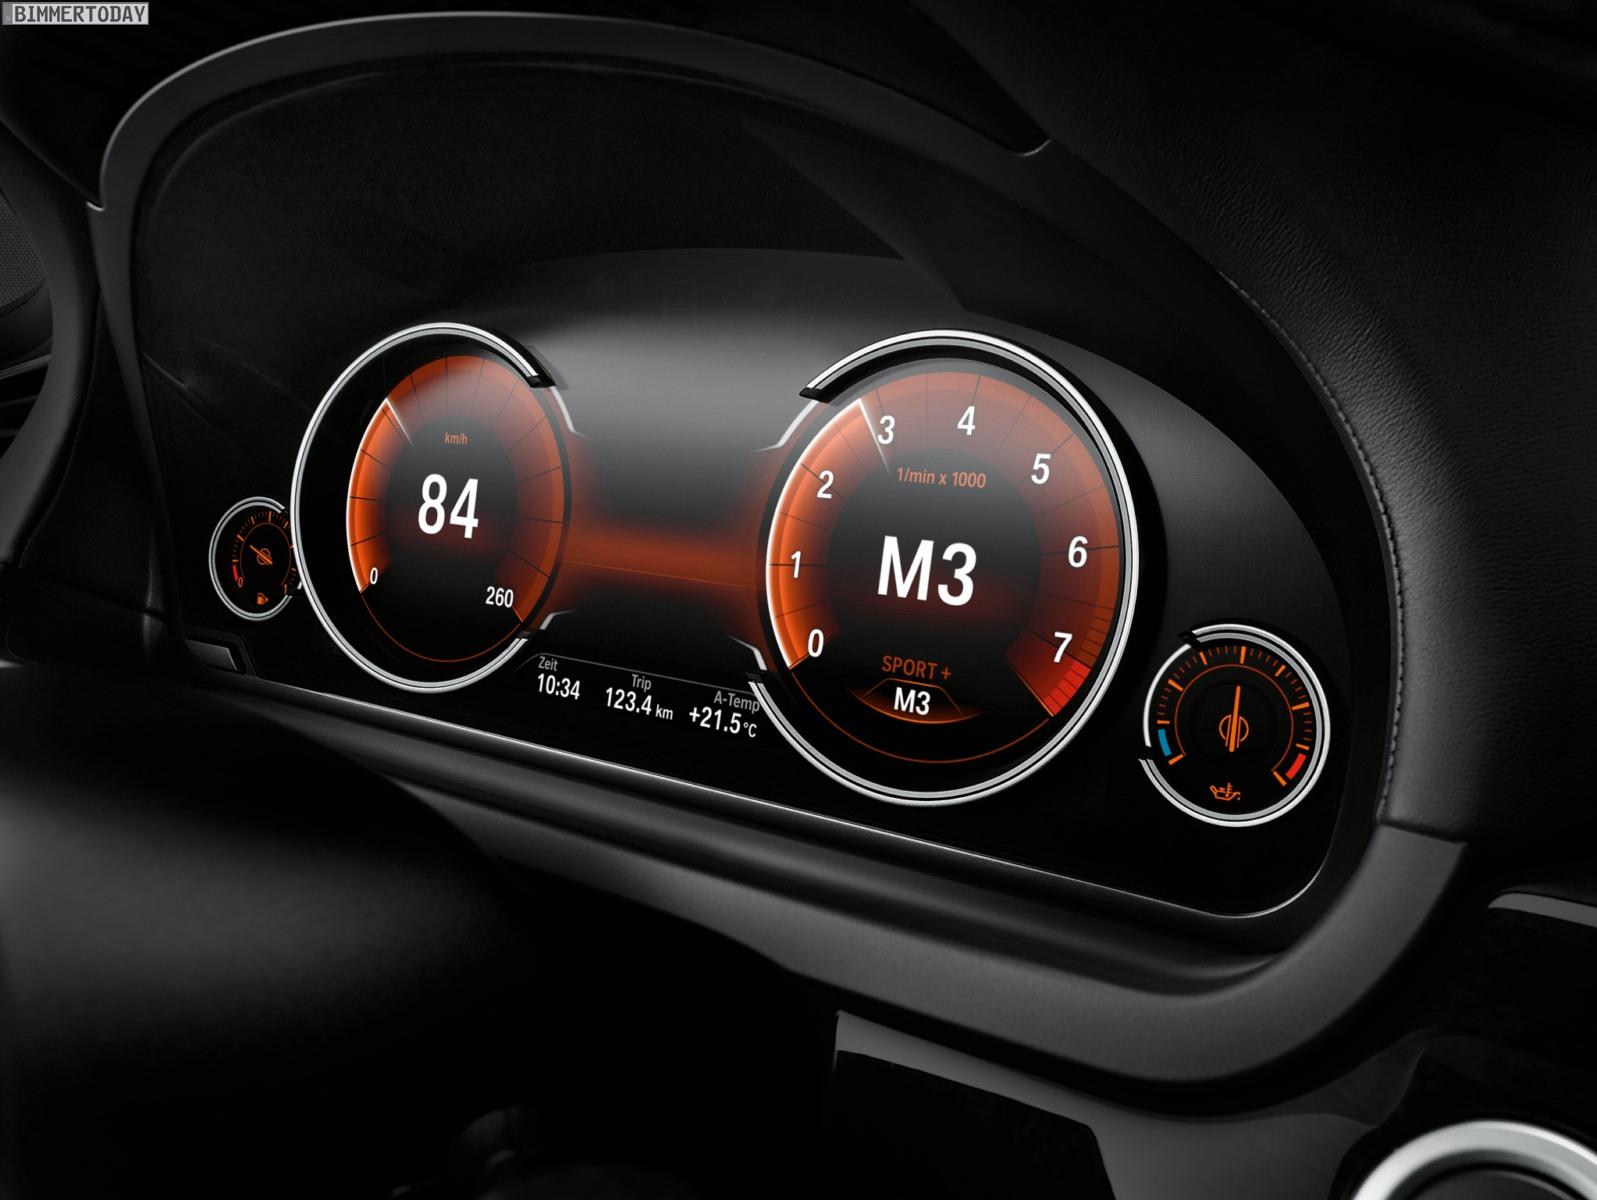 Bmw 7er Facelift Multifunktionales Instrumentendisplay